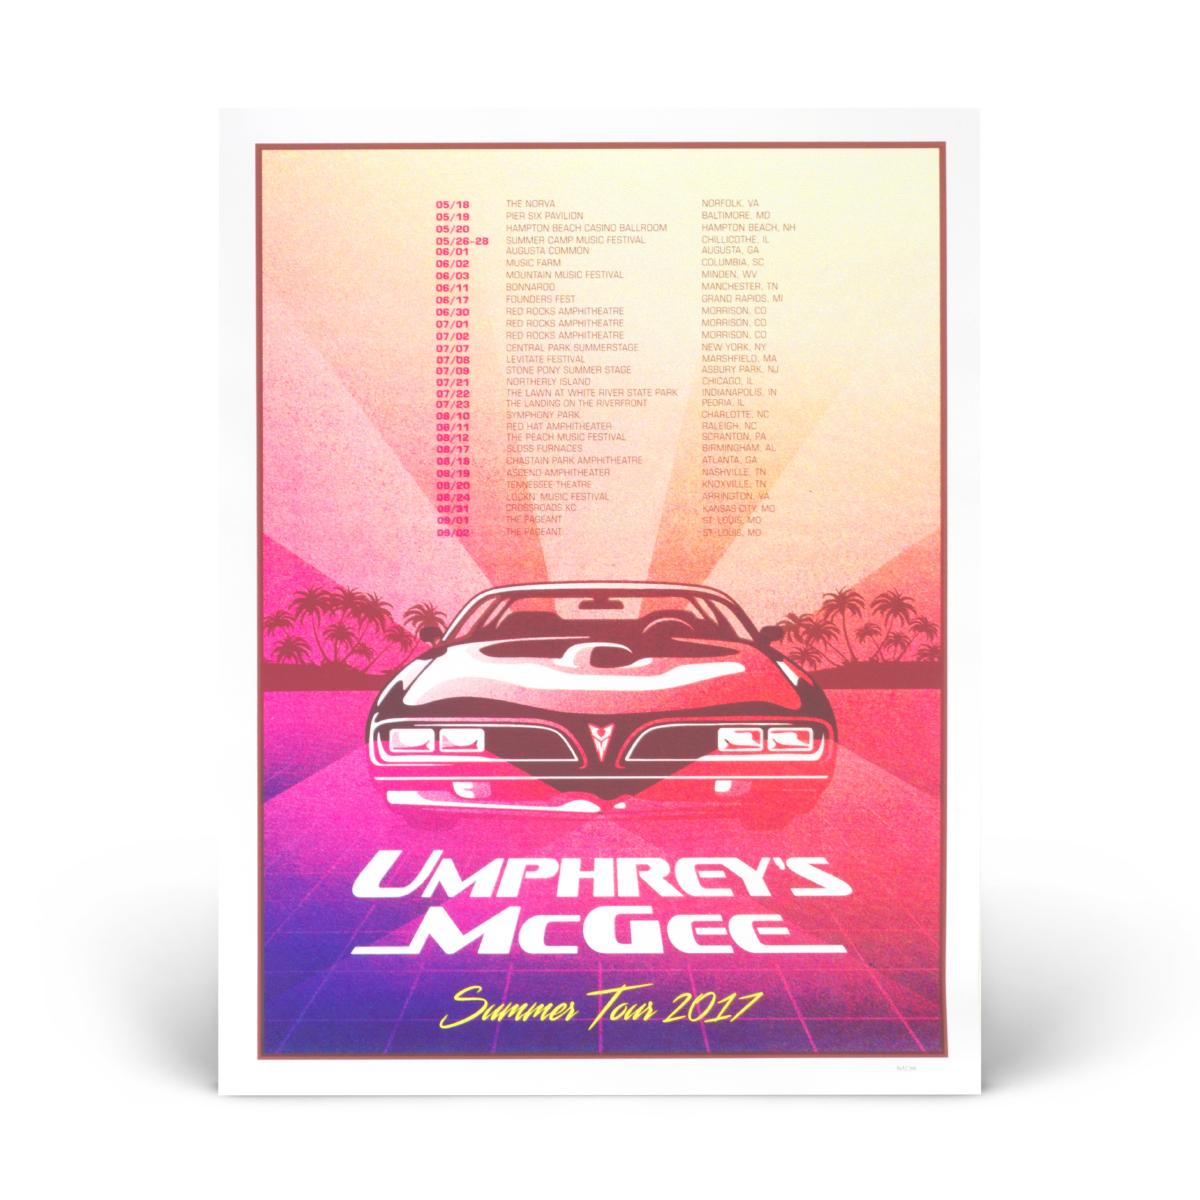 2017 Summer Tour Poster